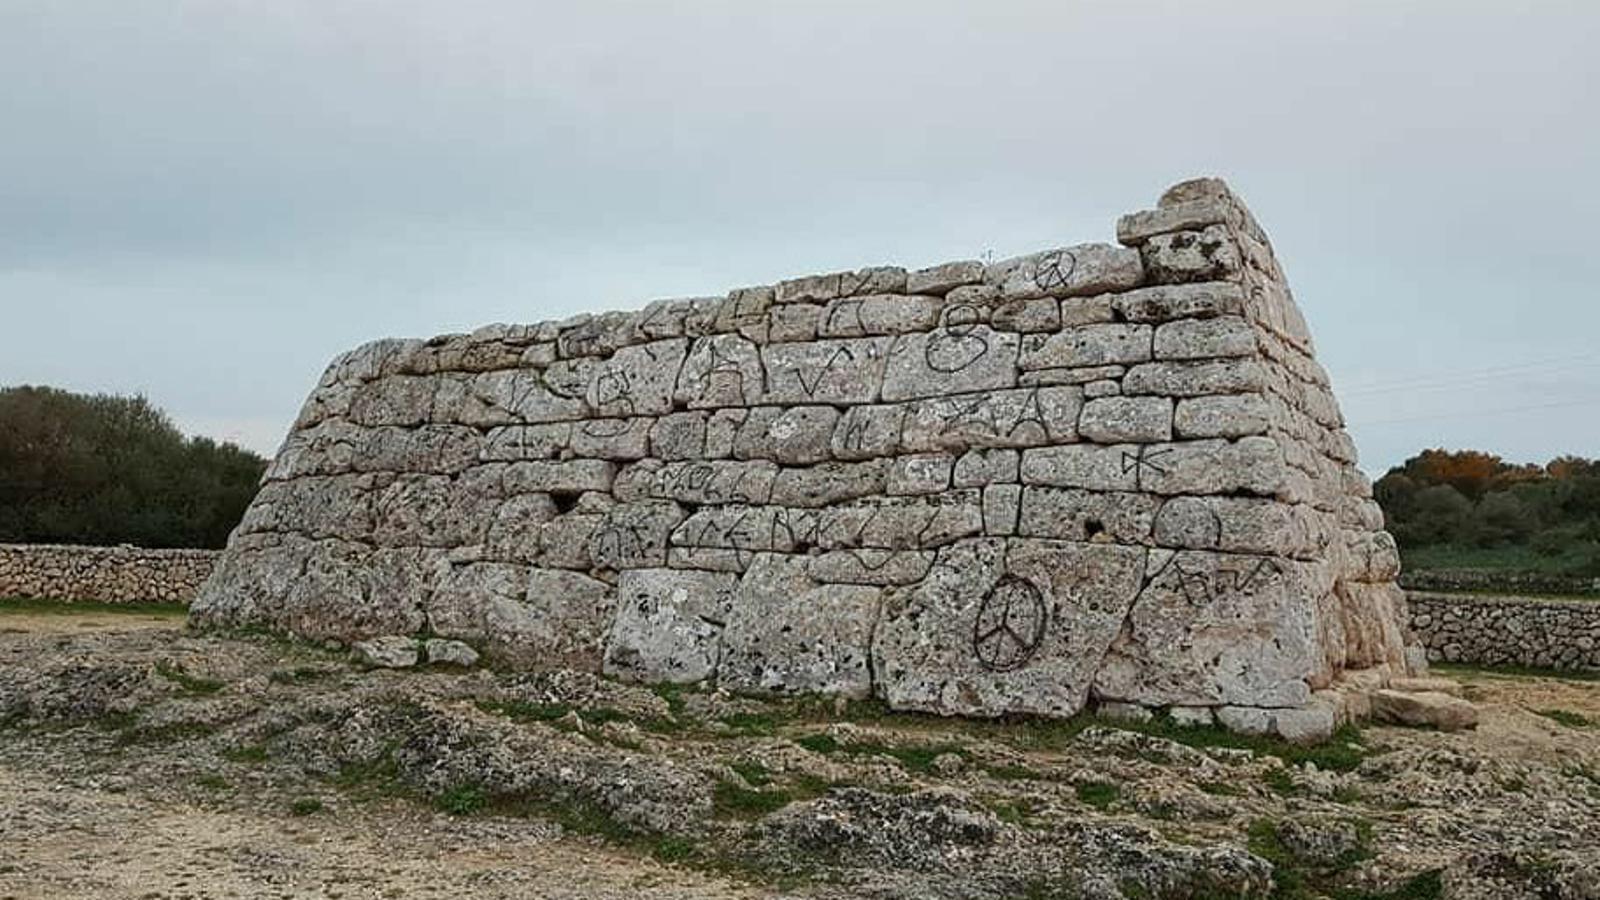 Les pintades a la Naveta dels Tudons van provocar una resposta social mai experimentada a Menorca envers el patrimoni històric.